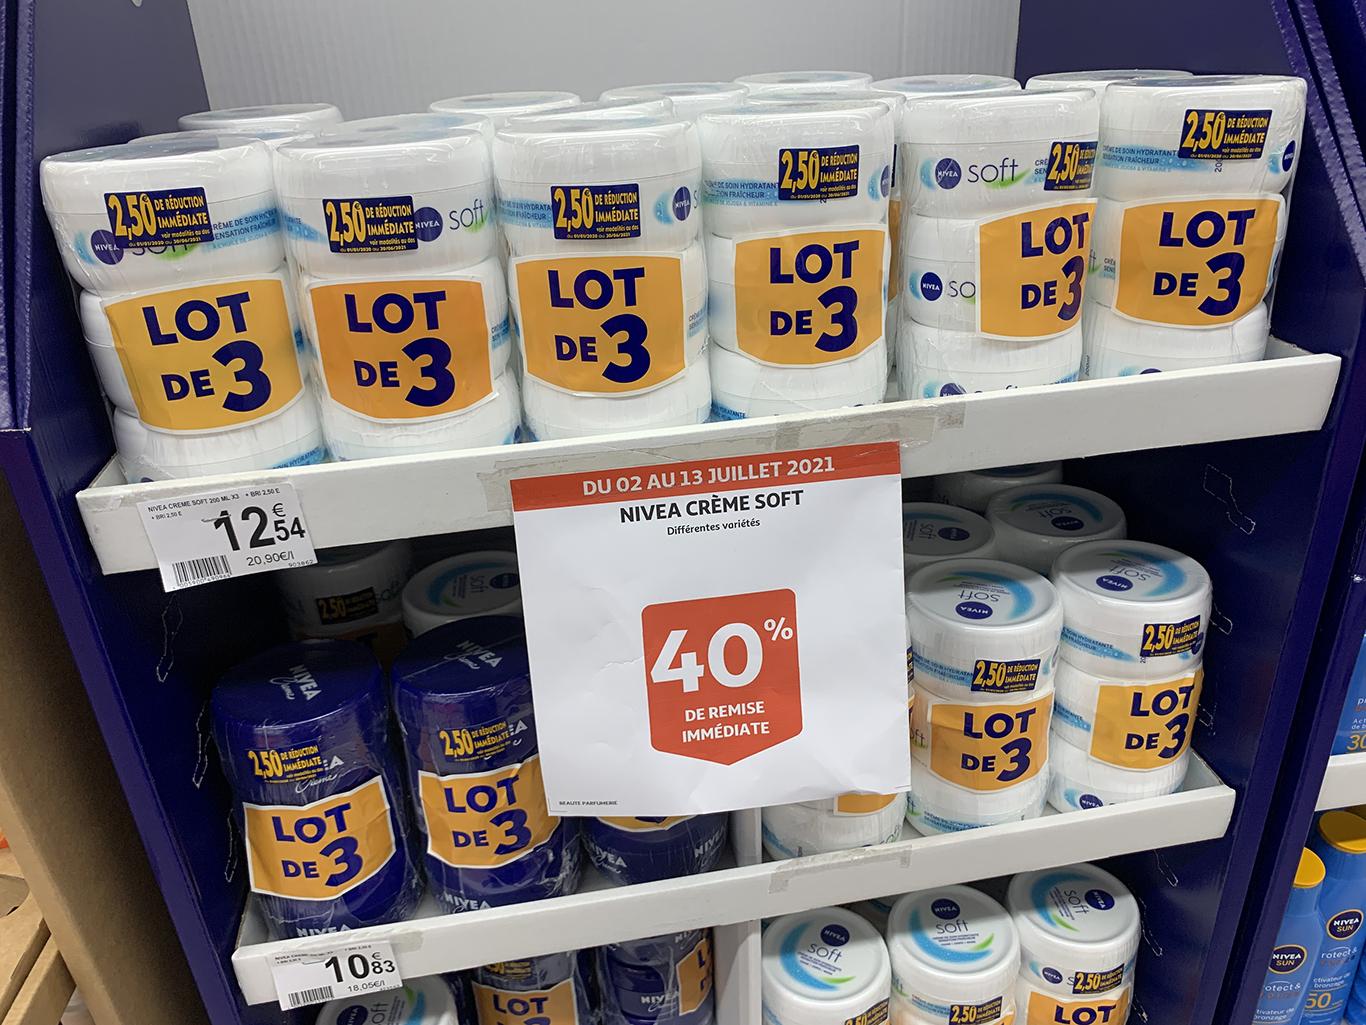 AuchanPenserClientIMG_0289